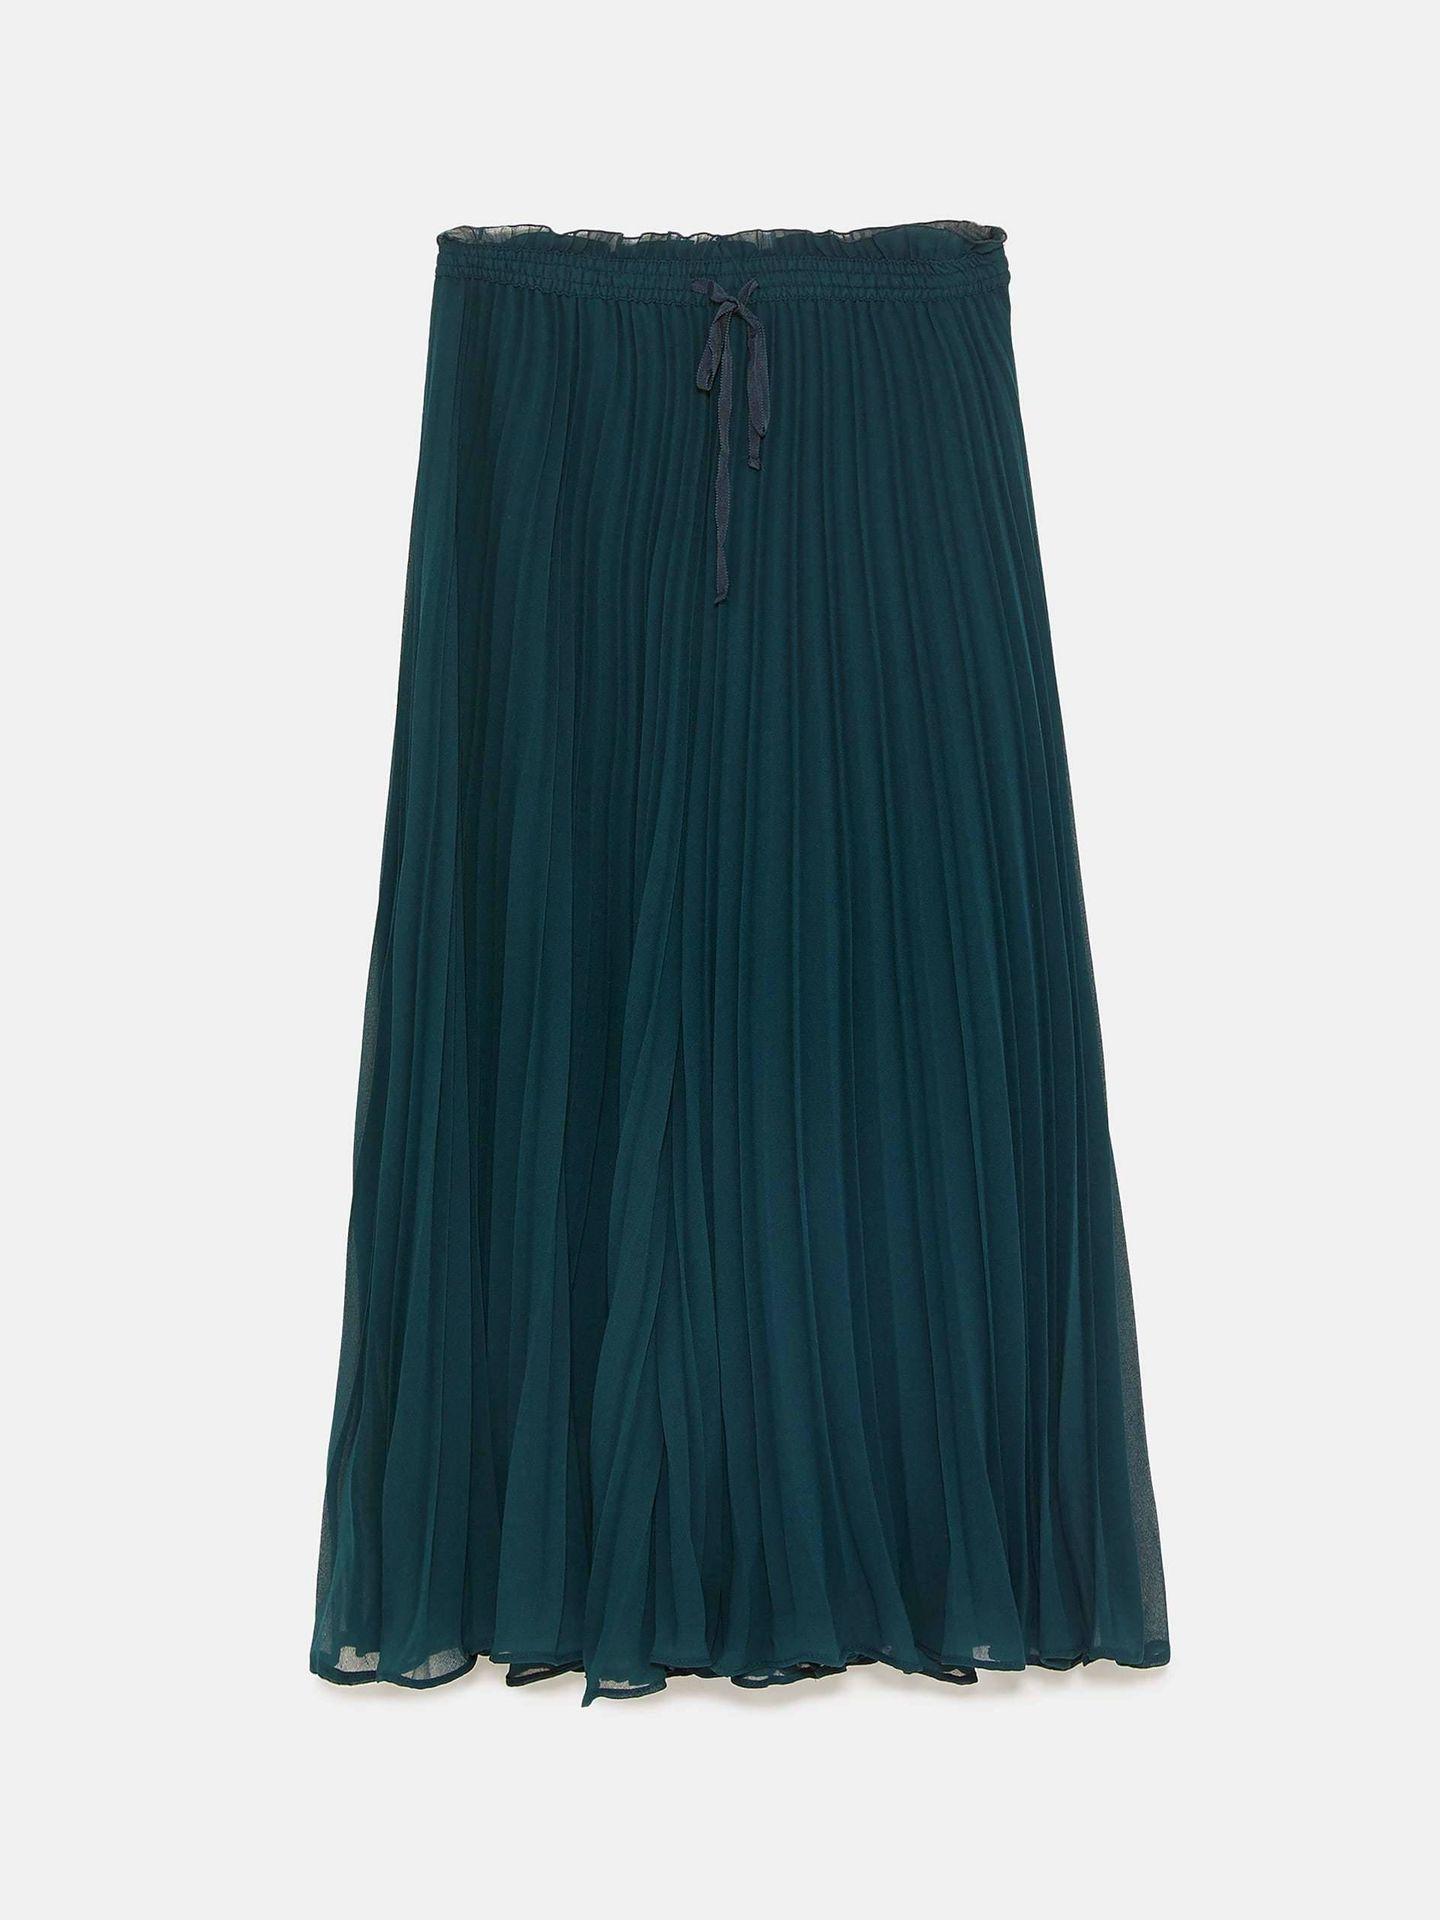 Culotte de Zara. (Cortesía de la marca)